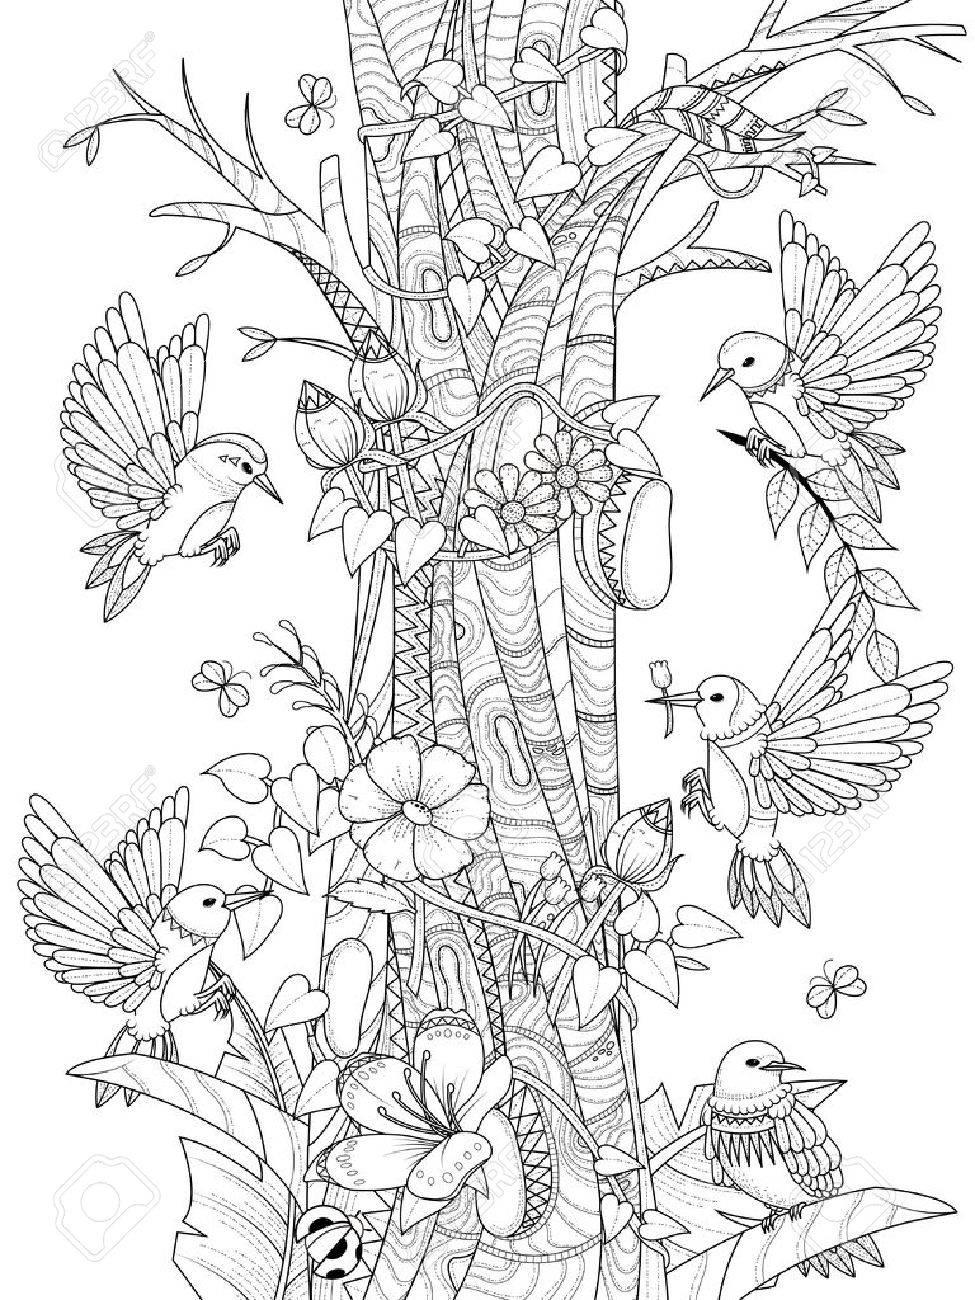 Kleurplaten Bloemen Vogels.Nieuw Kleurplaten Vogels En Bloemen Krijg Duizenden Kleurenfoto S